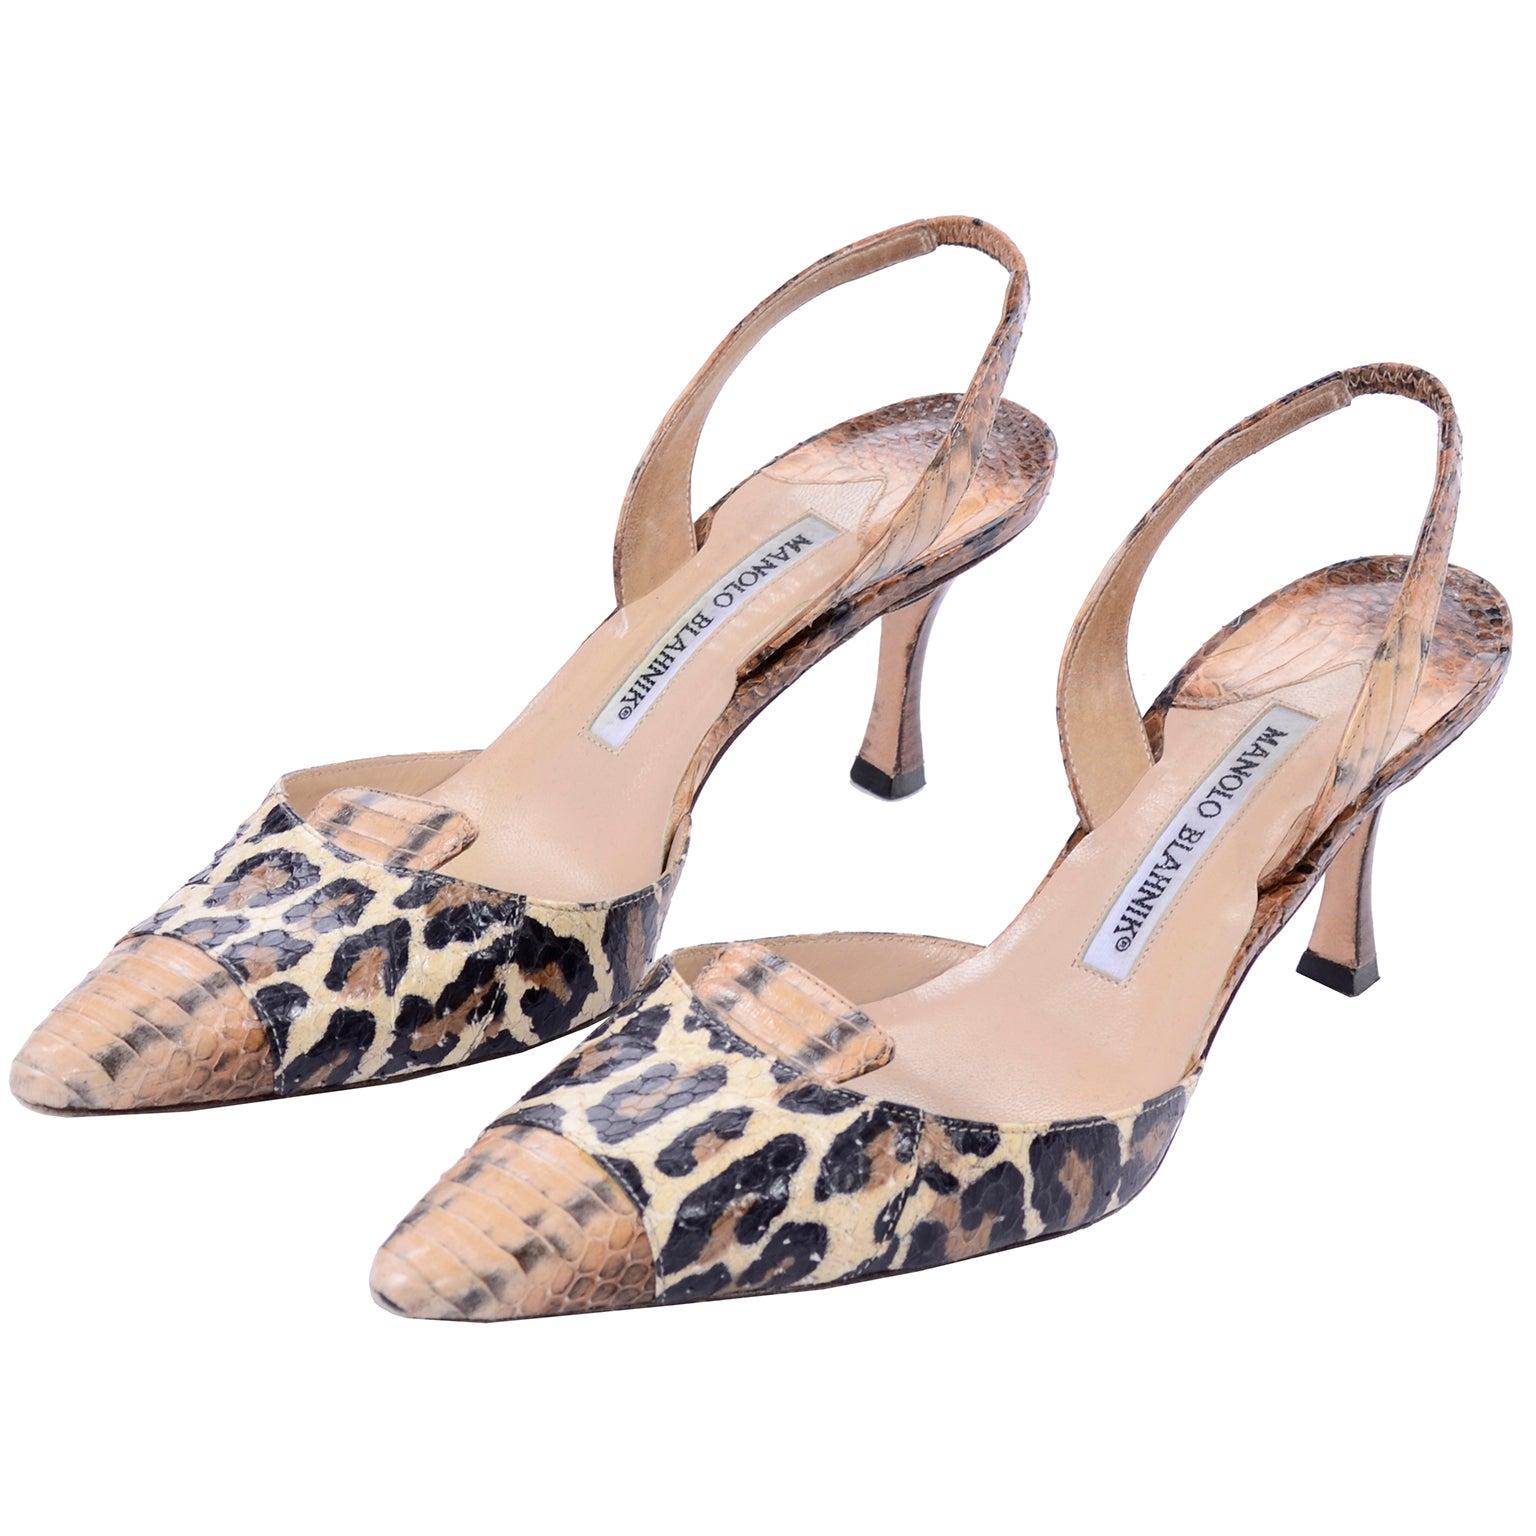 d04465e2322b Manolo Blahnik Shoes in Size 37.5 Leopard Print Snakeskin Slingback Heels  at 1stdibs